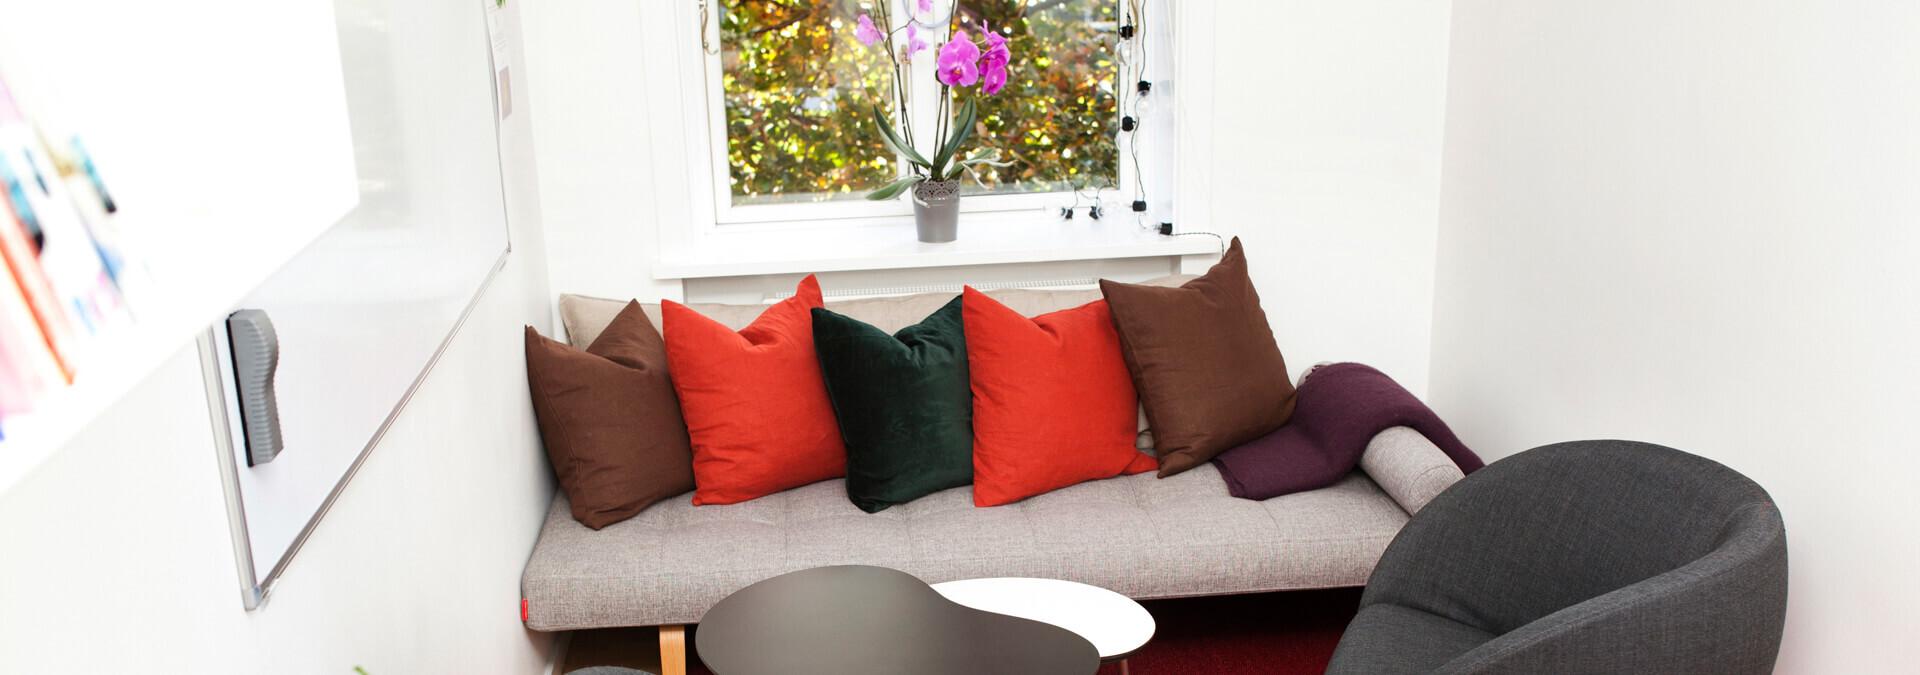 Sofa på krisecenter med puder og tæppe